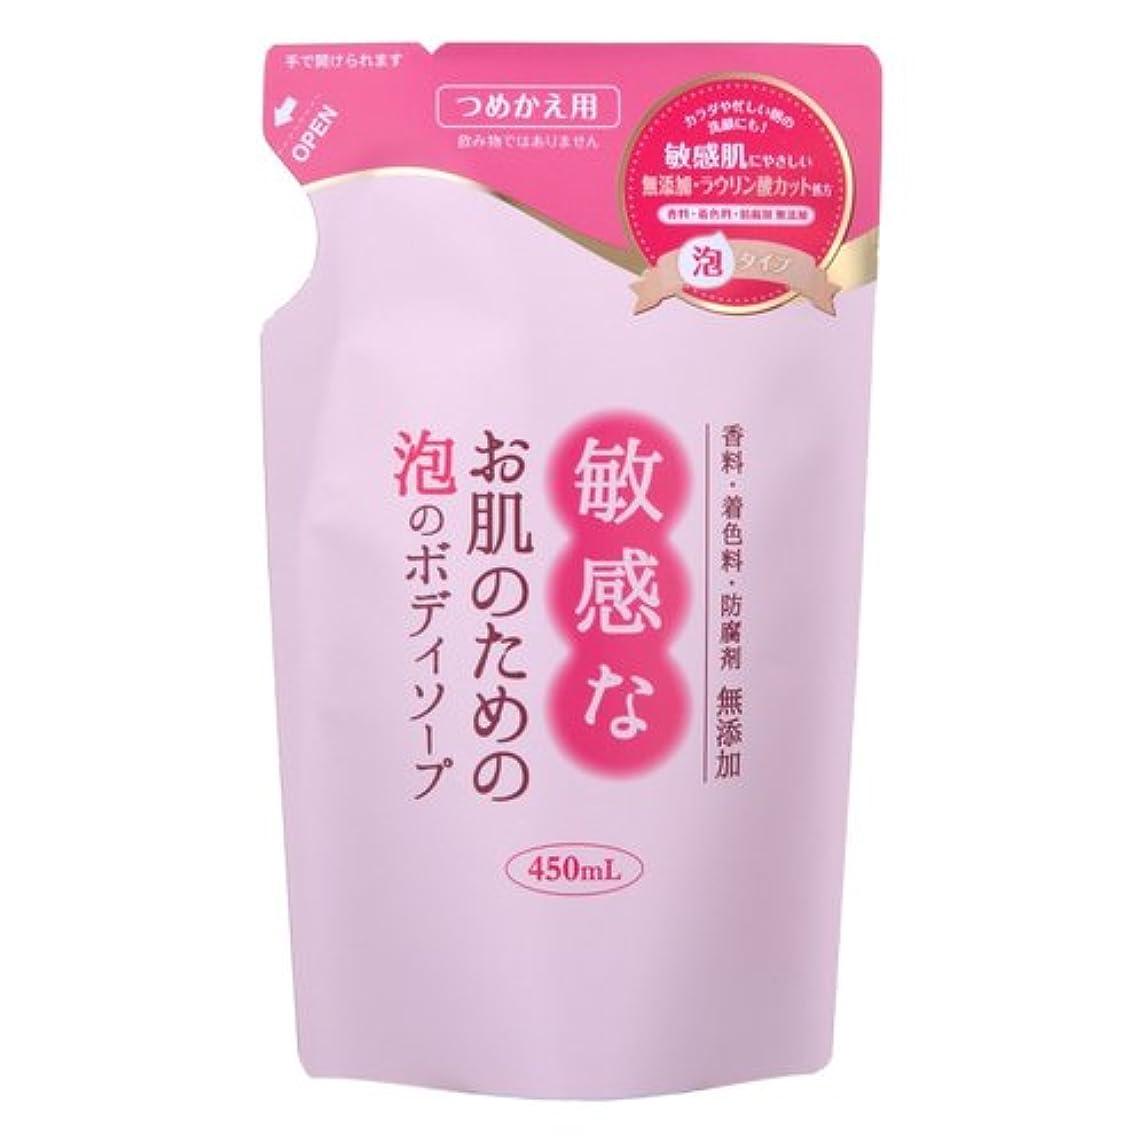 印象的な原因名門敏感なお肌のための泡のボディソープ 詰替 450mL CBH-FBR